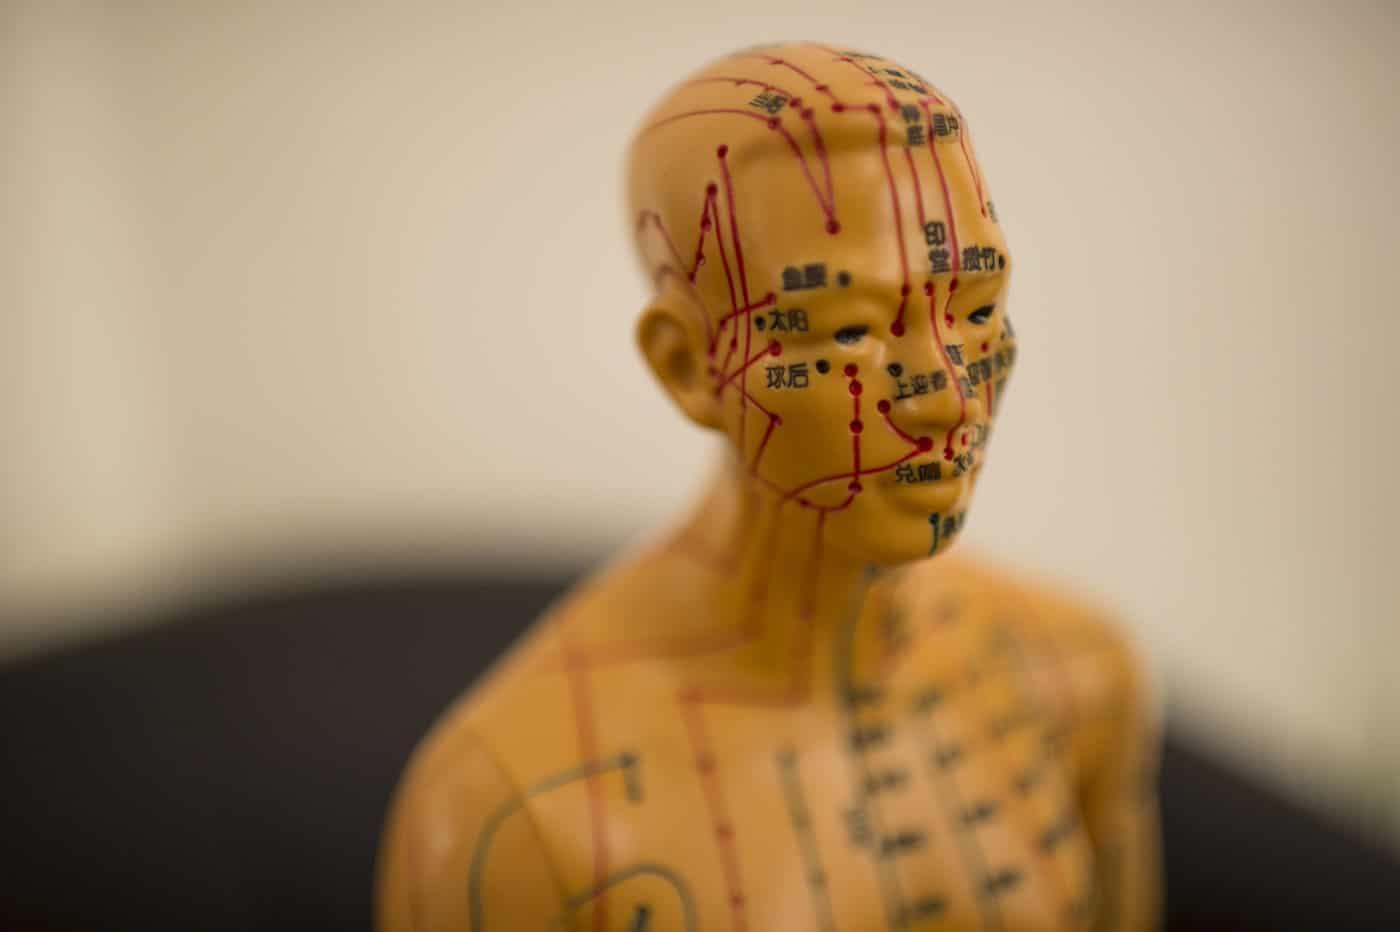 Damien Chevrier Kinésiologue Sion - Kinésiologie, Massages, Traitement des allergies et du stress, Valais - Sympathicothérapie